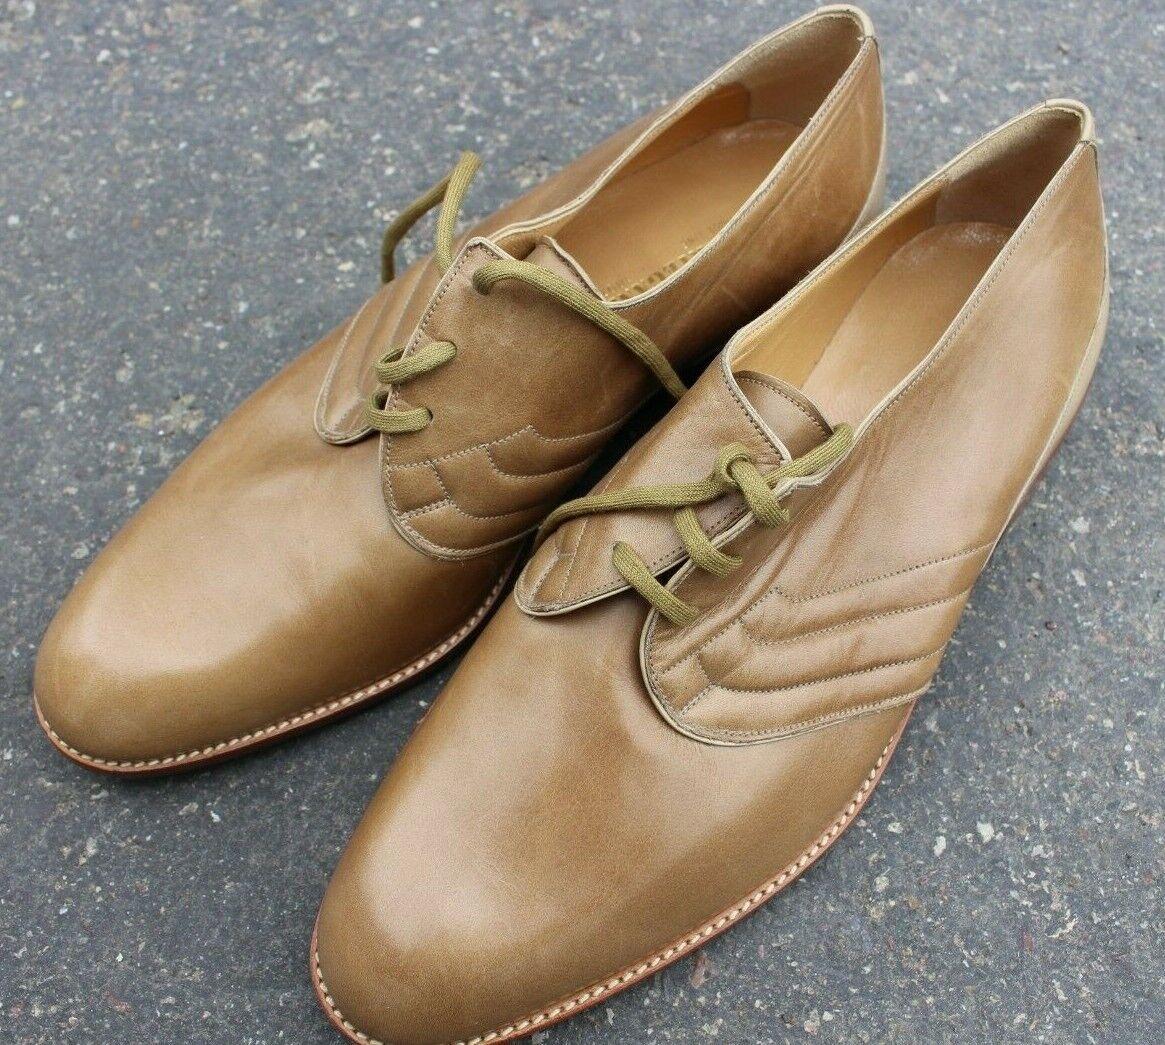 Zapatos De Vestir R. Ramano Martegani Boutique Italia Cuero 8.5 cacky Caqui Marrón